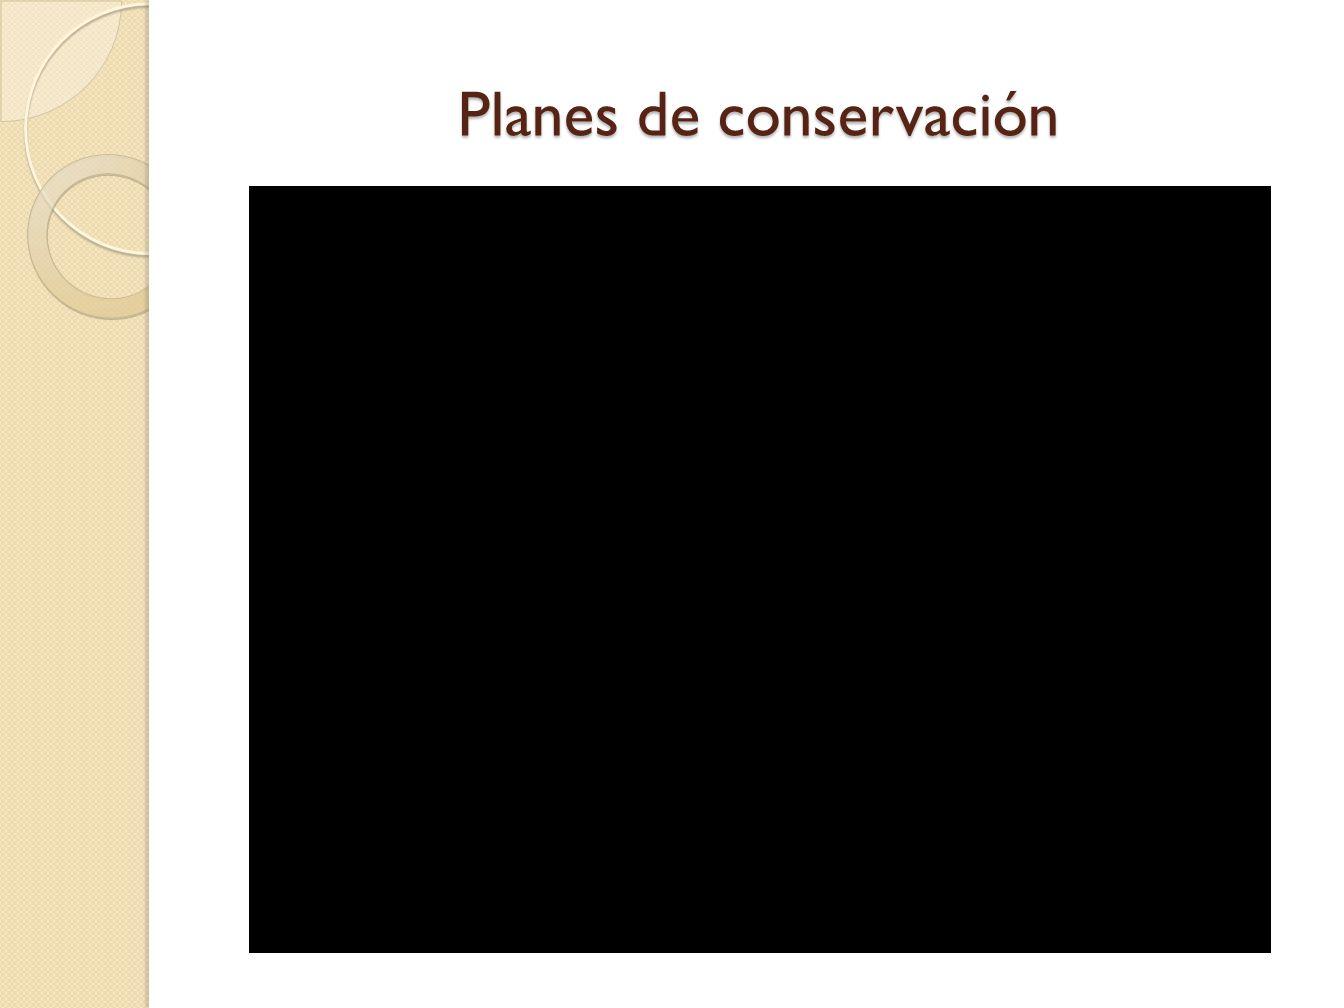 Planes de conservación